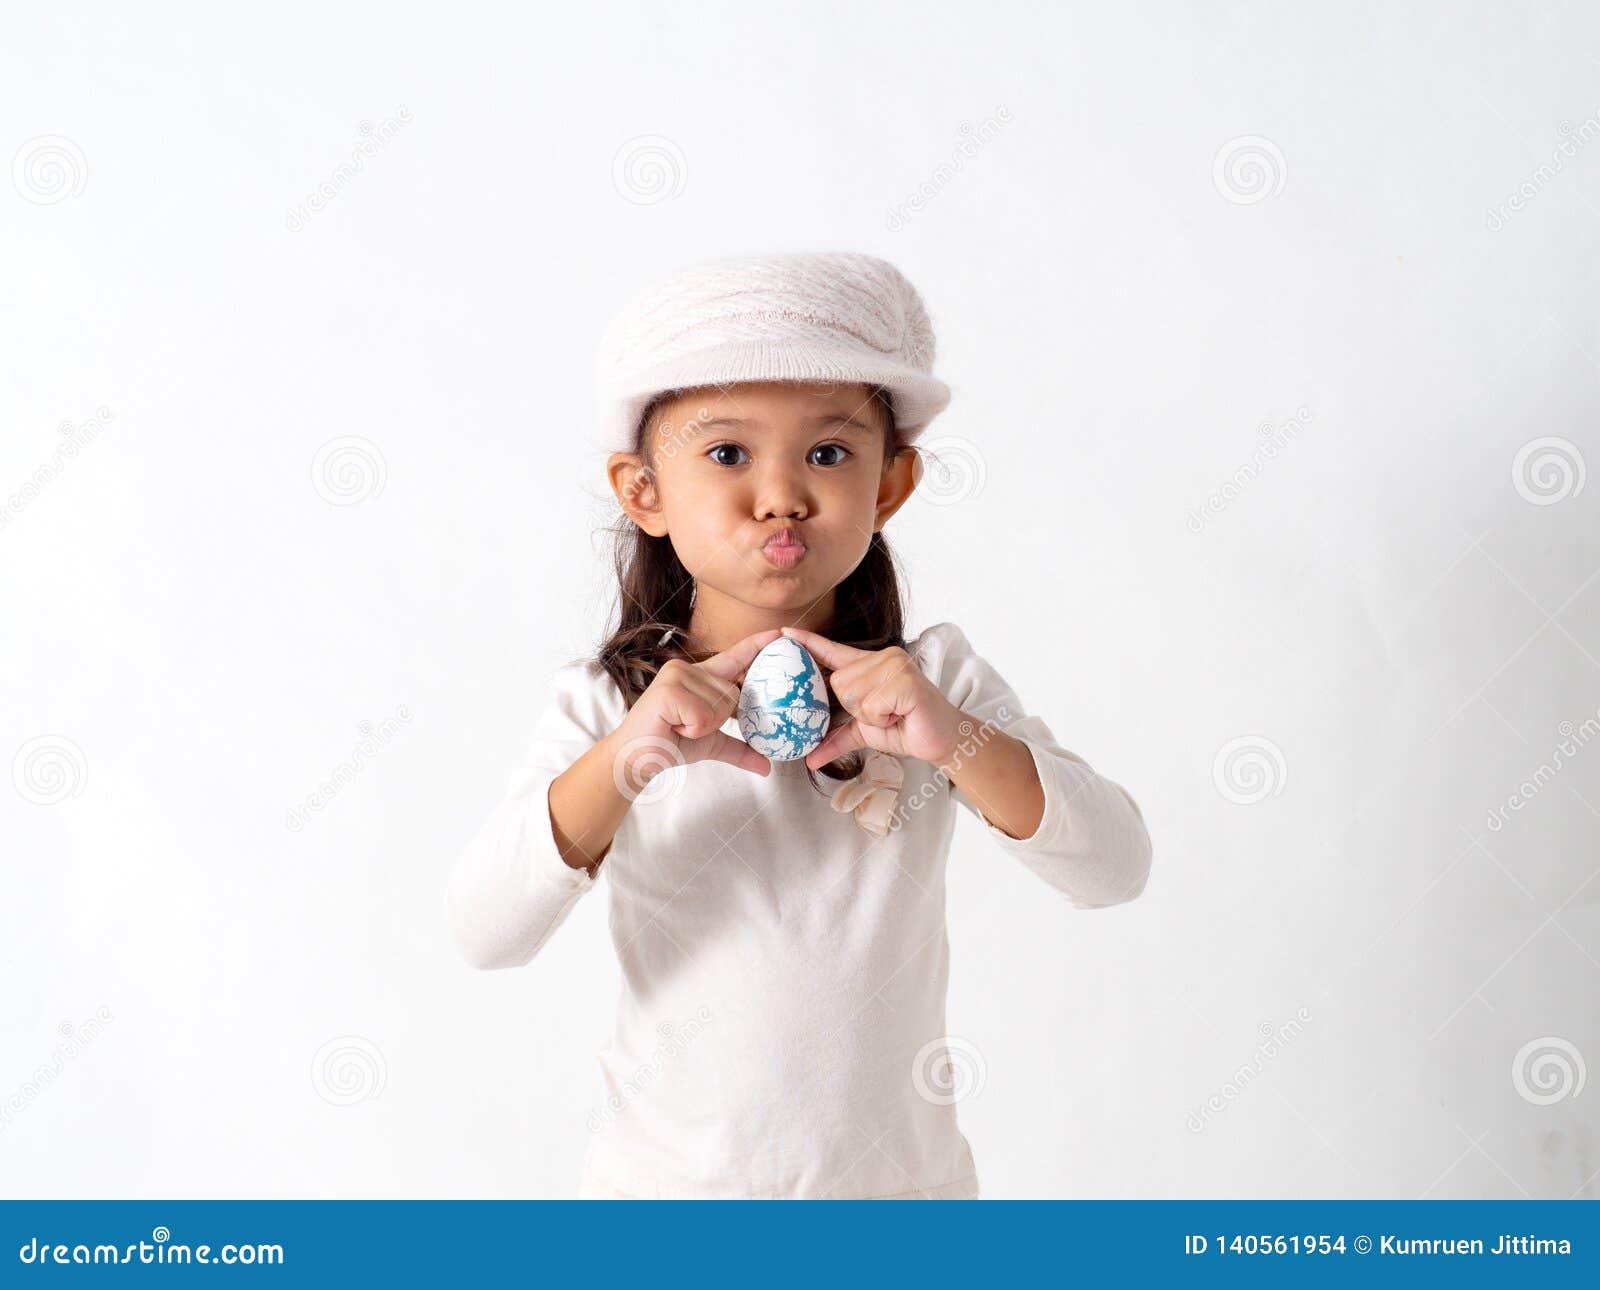 Mädchen hält ein Osterei